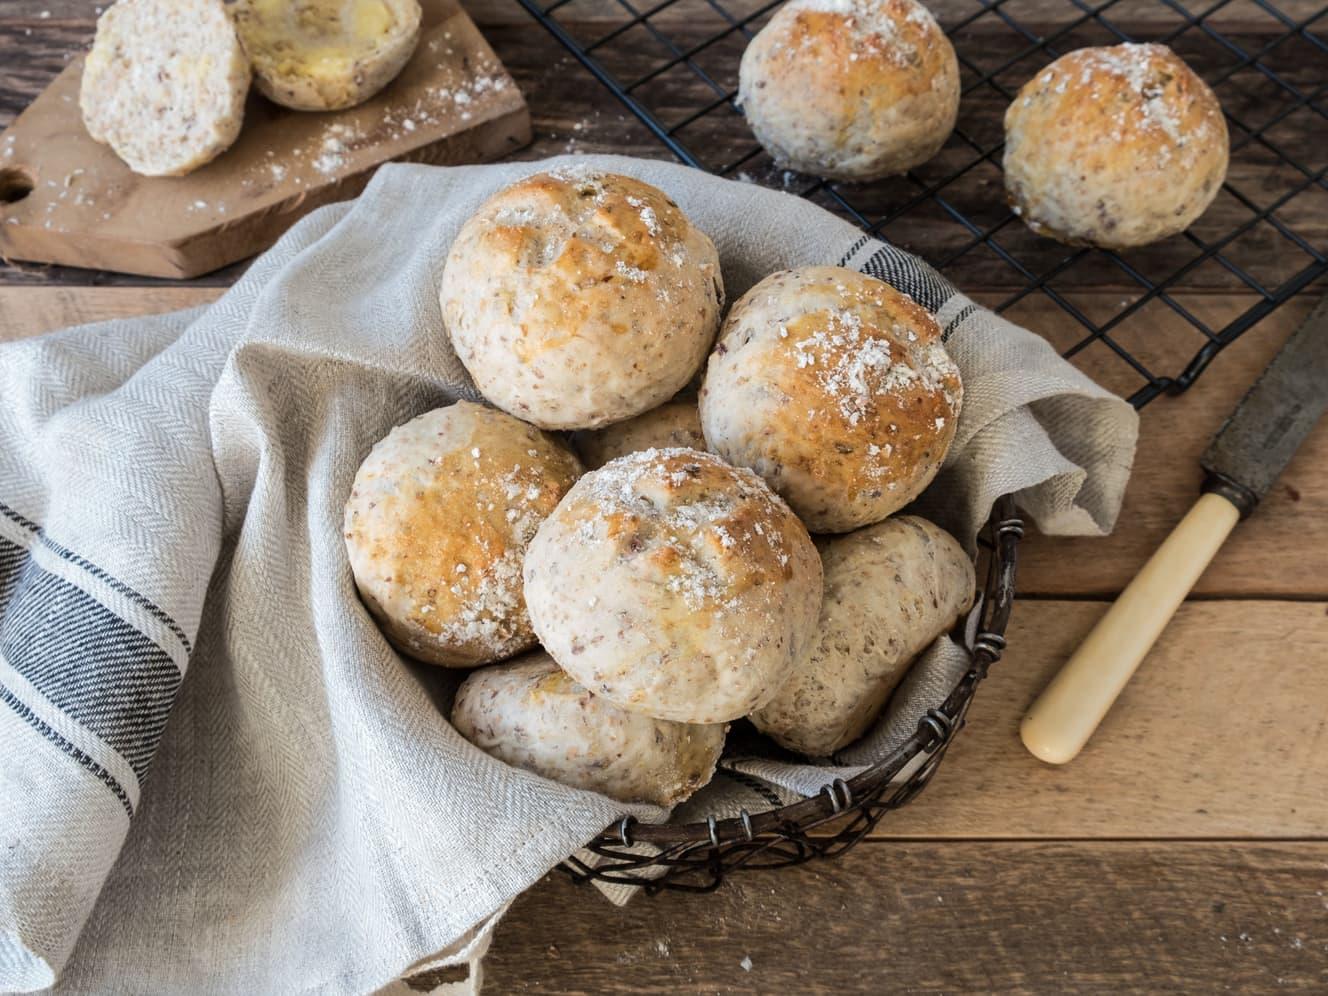 Flere brødoppskrifter